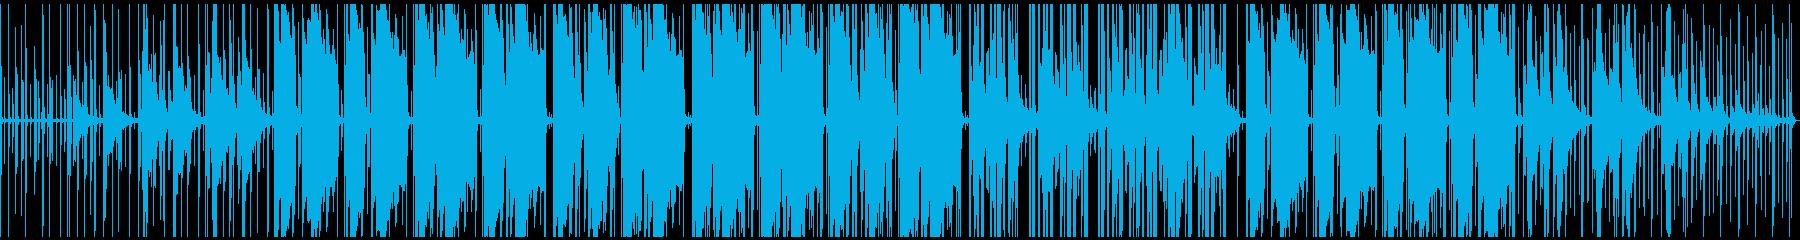 イージーリスニングなヒップホップの再生済みの波形